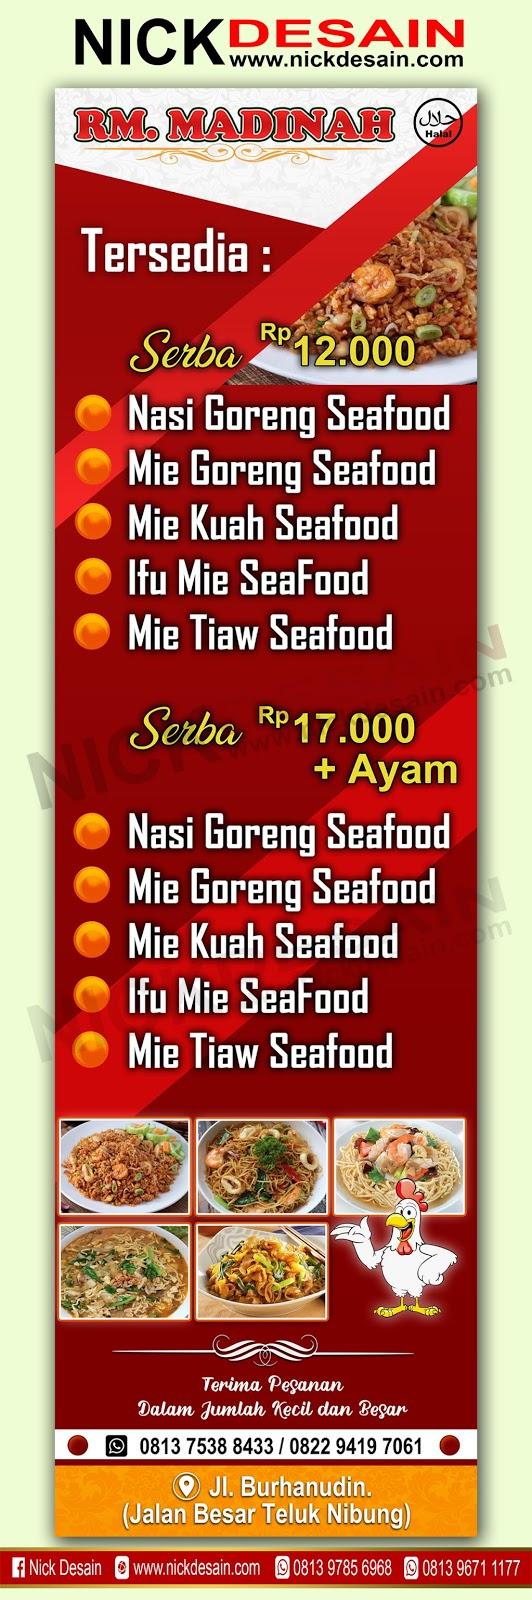 Desain Spanduk Makanan : desain, spanduk, makanan, Contoh, Desain, Banner, Spanduk, Restoran, Percetakan, Murah, Tanjungbalai, Online,, Logo,, Banner,